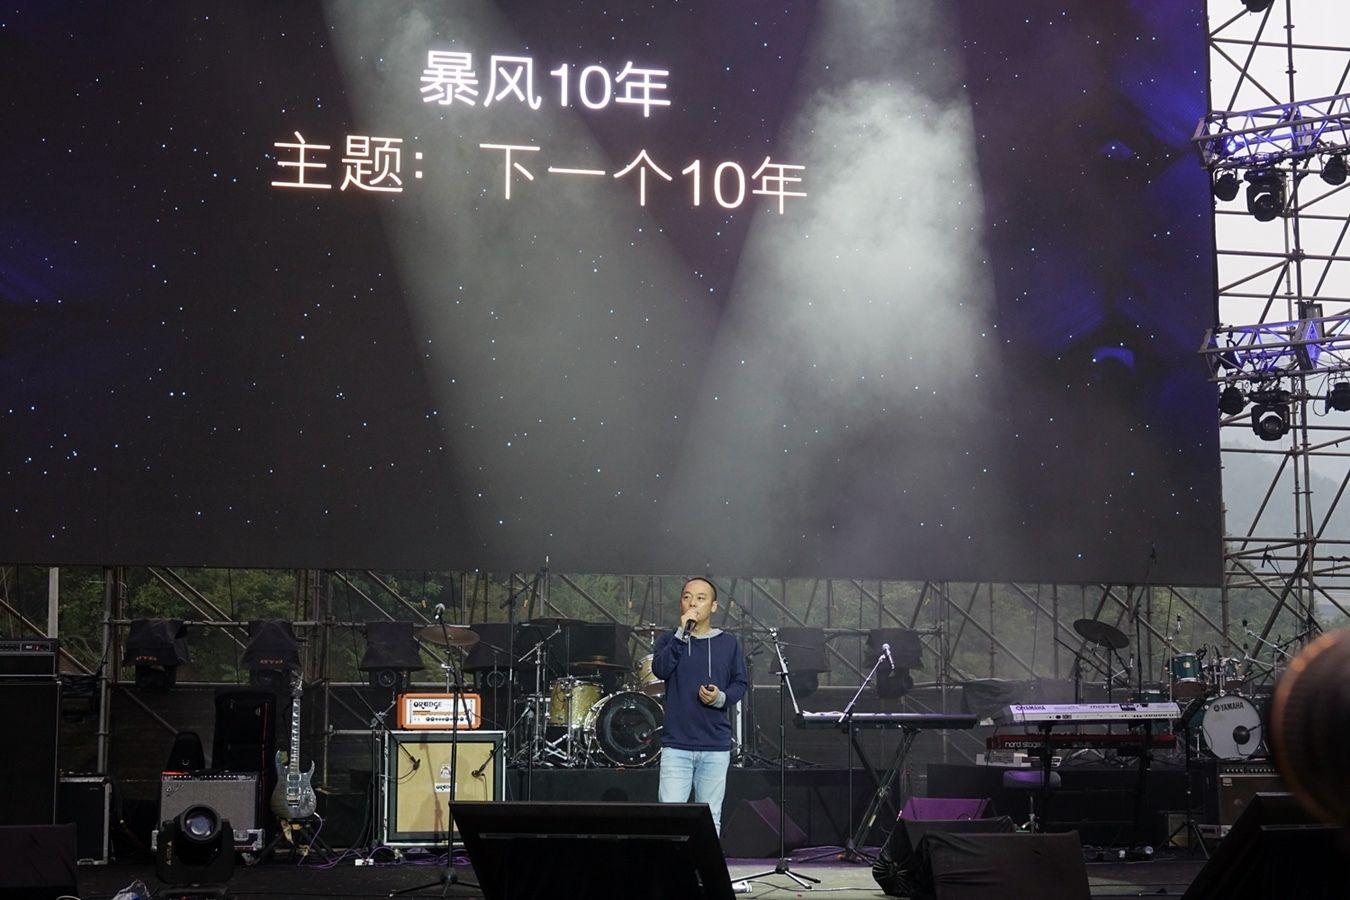 冯鑫演讲.jpg